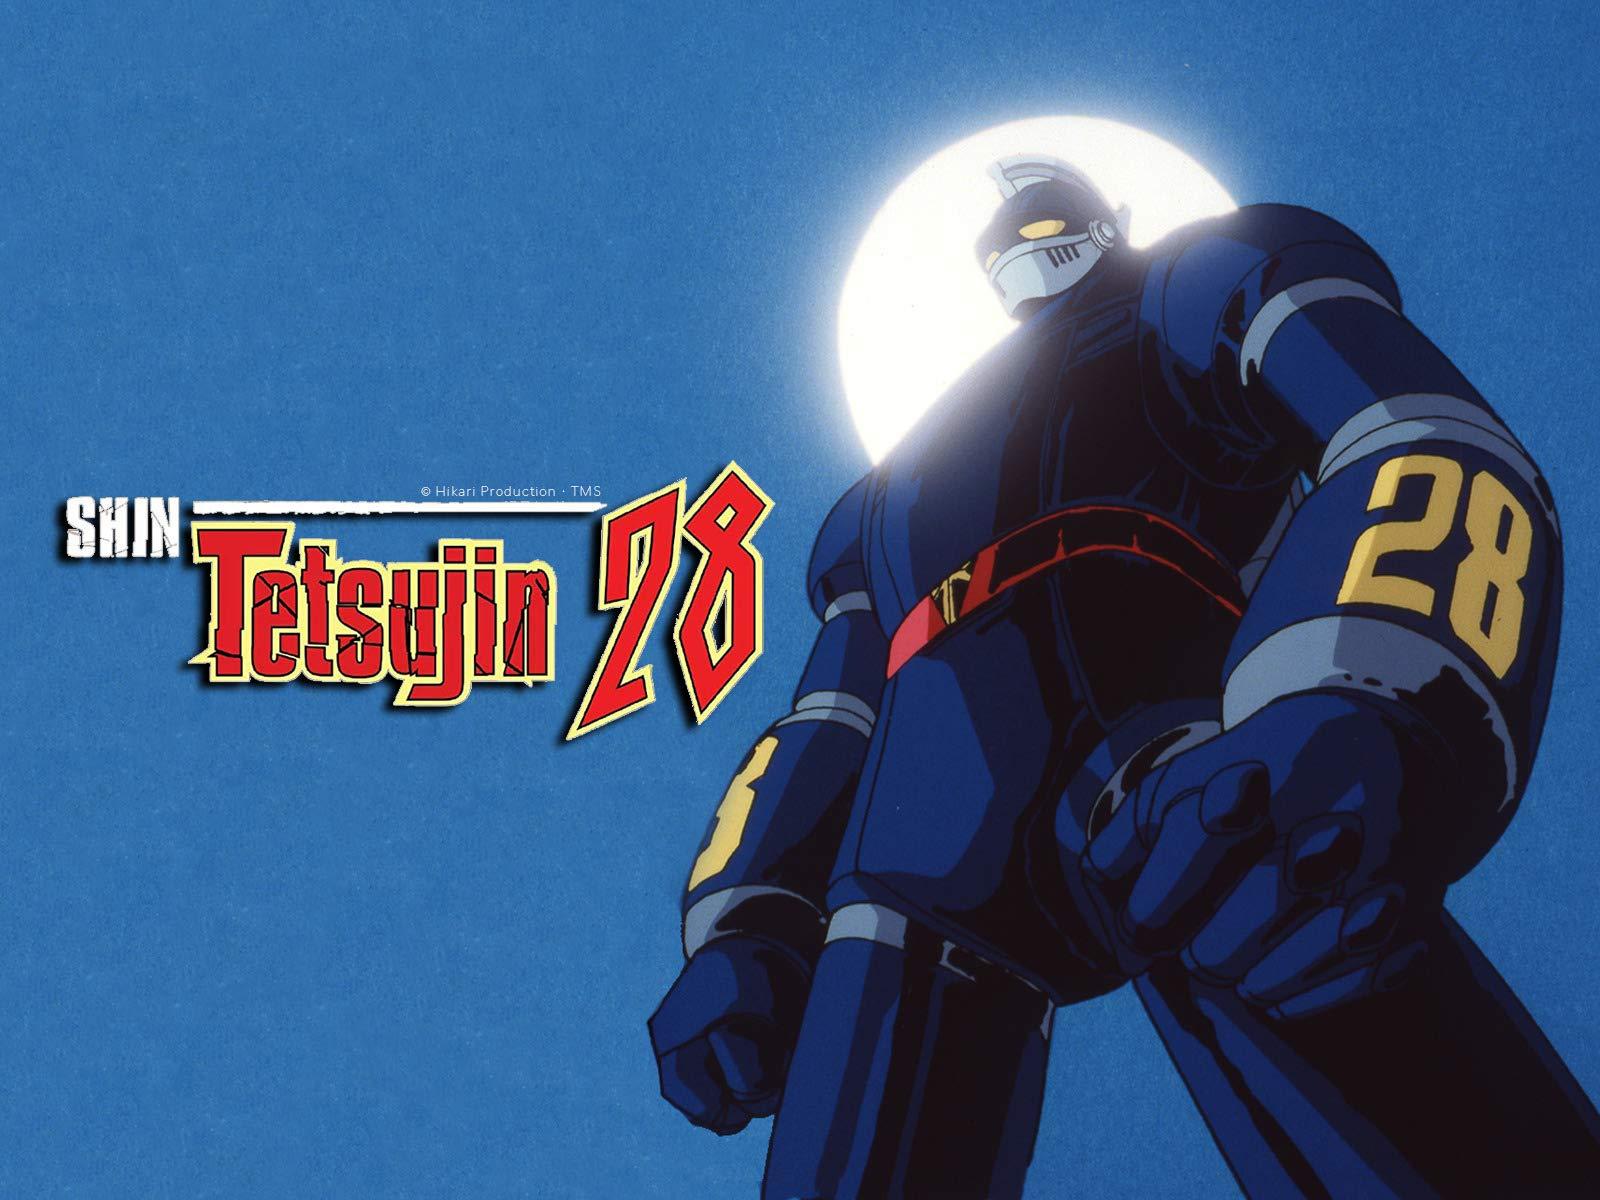 Shin Tetsujin 28